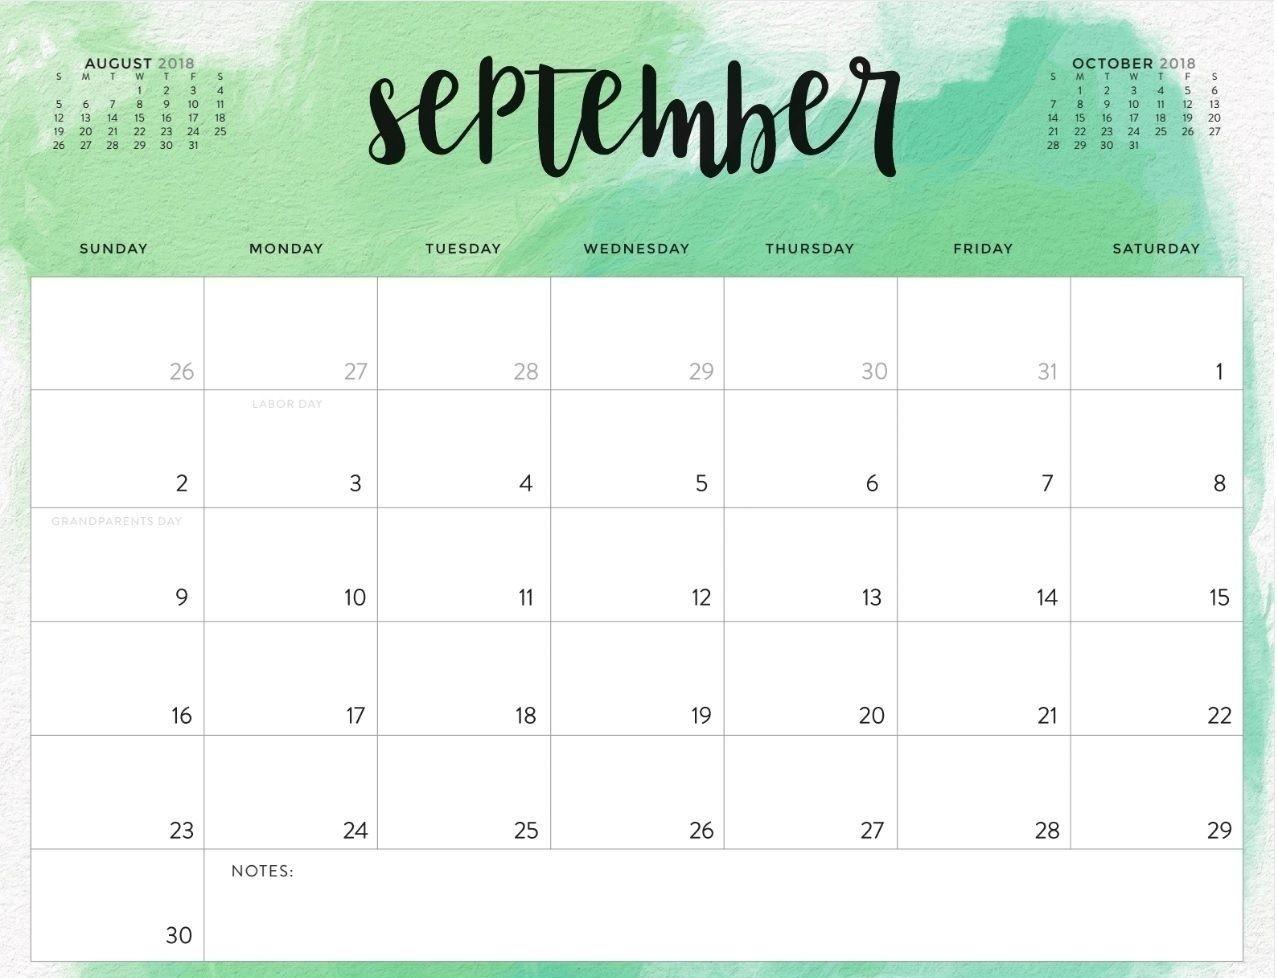 Free Printable Calendar Waterproof In 2020 | September